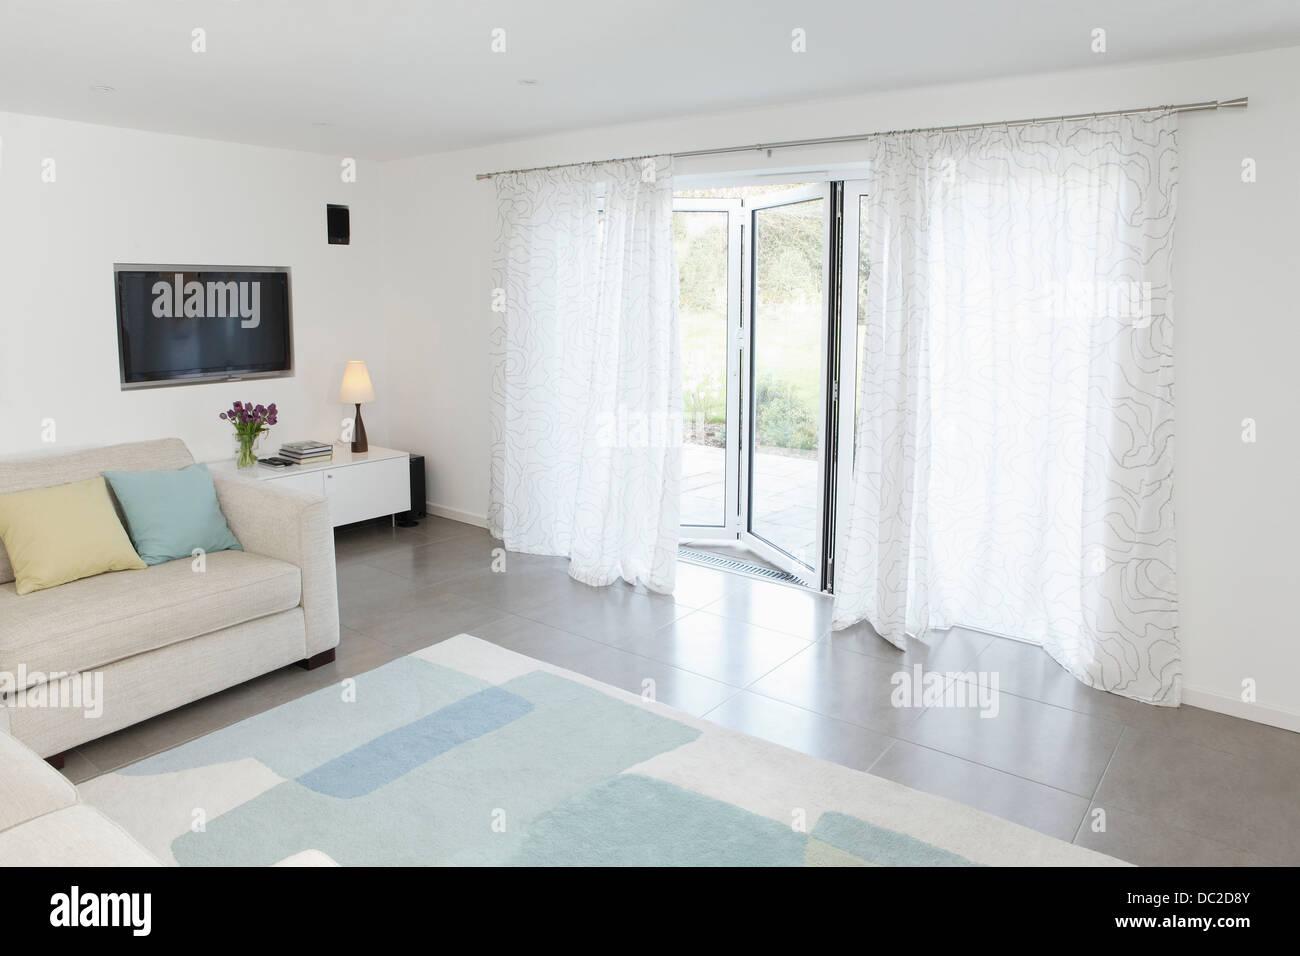 Wohnzimmer Mit Glastür Zum Garten Angelehnt Stockfoto Bild - Wohnzimmer glastür